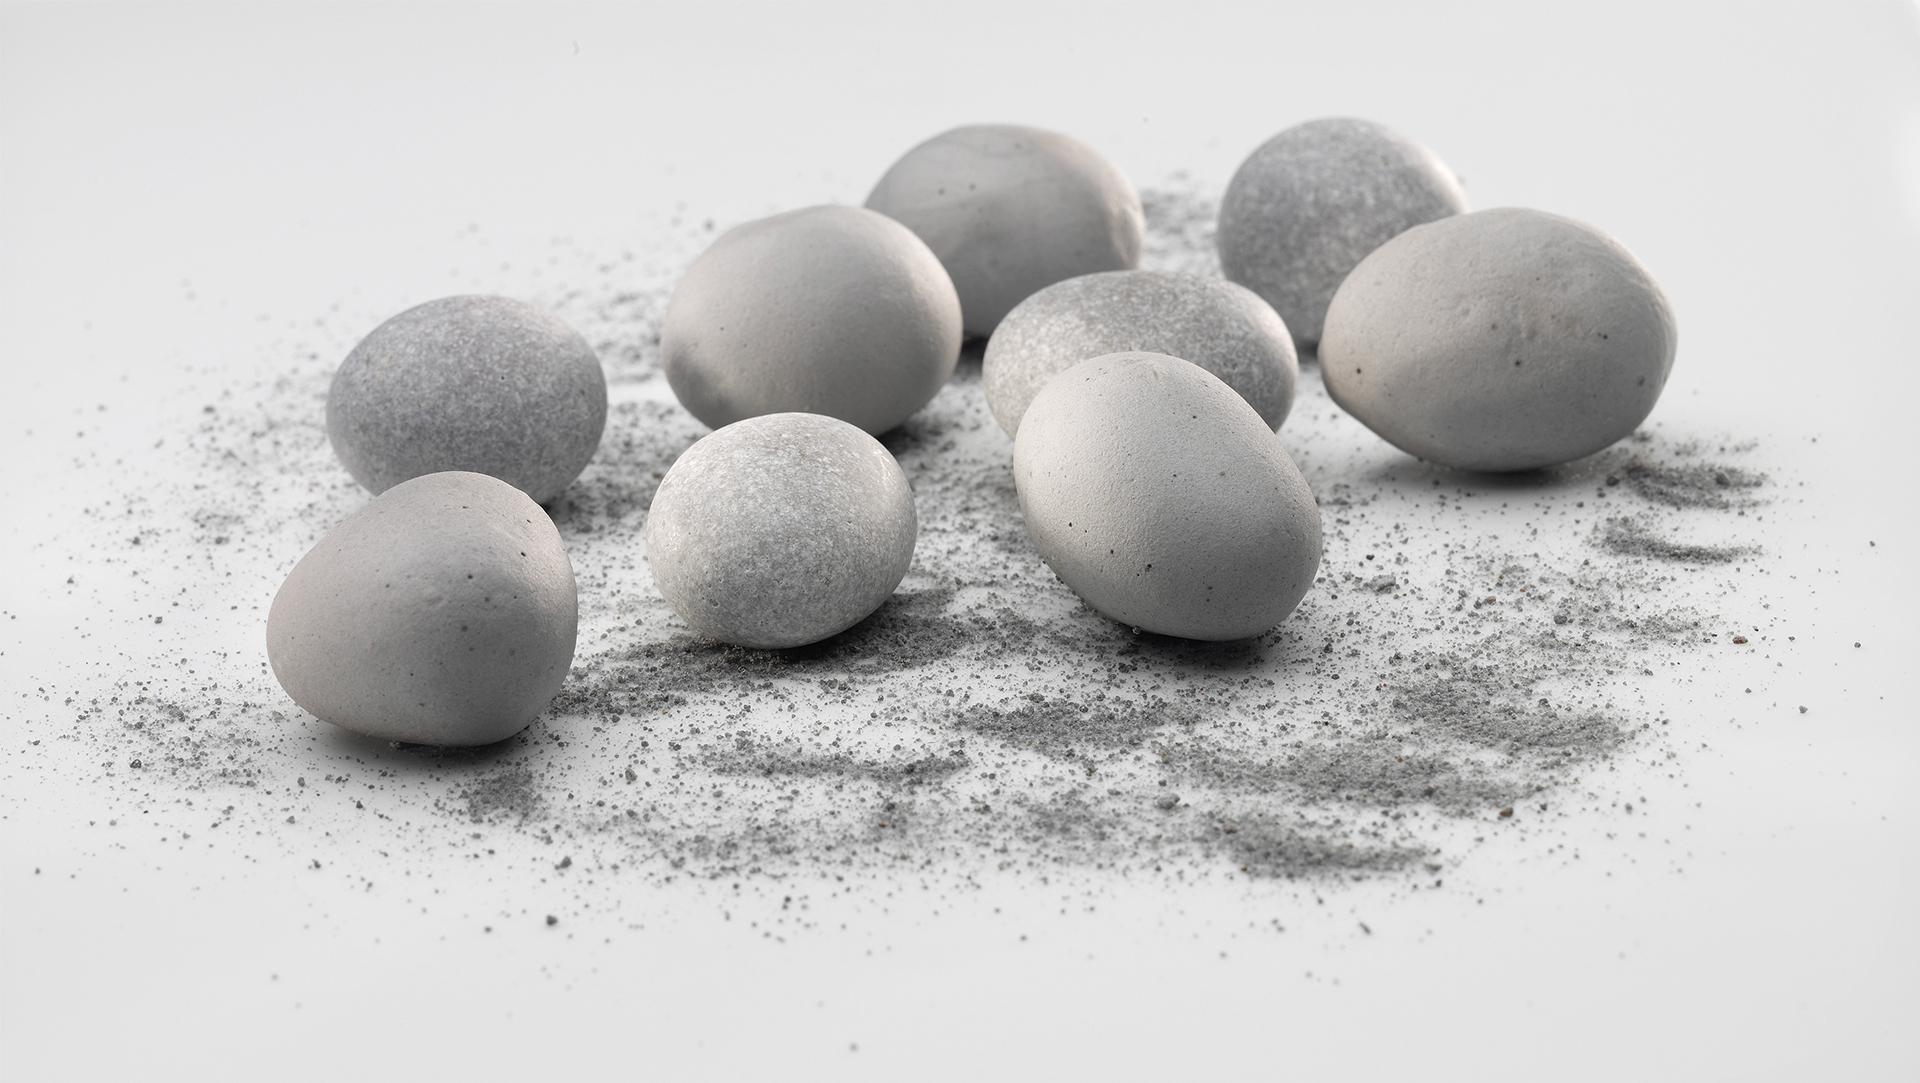 Edible stone - Edible Piedras